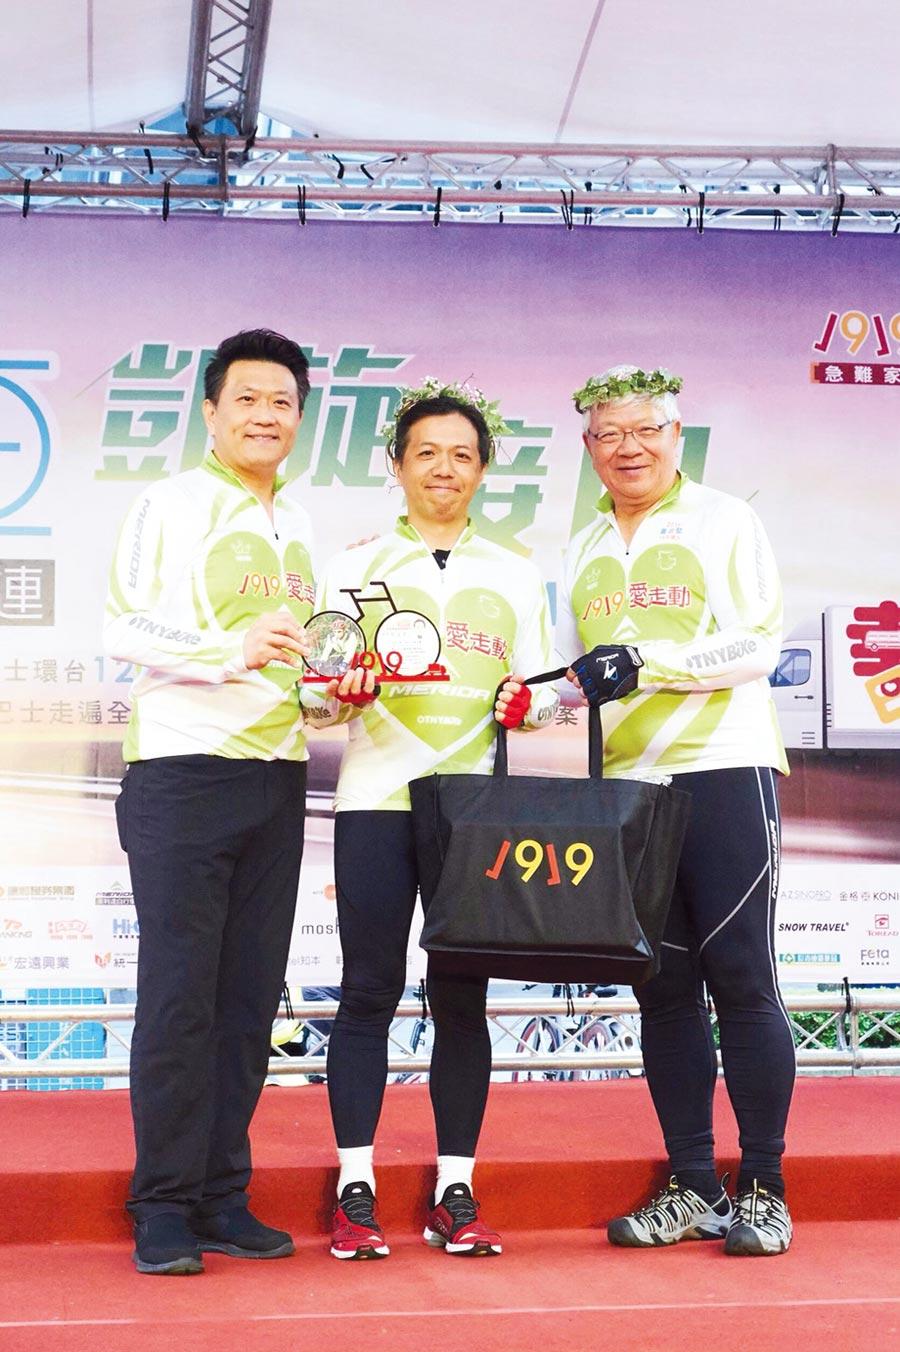 康和證券集團董事長鄭大宇(中)連續兩年參與單車公益環島,送愛到偏鄉。圖/康和證券提供